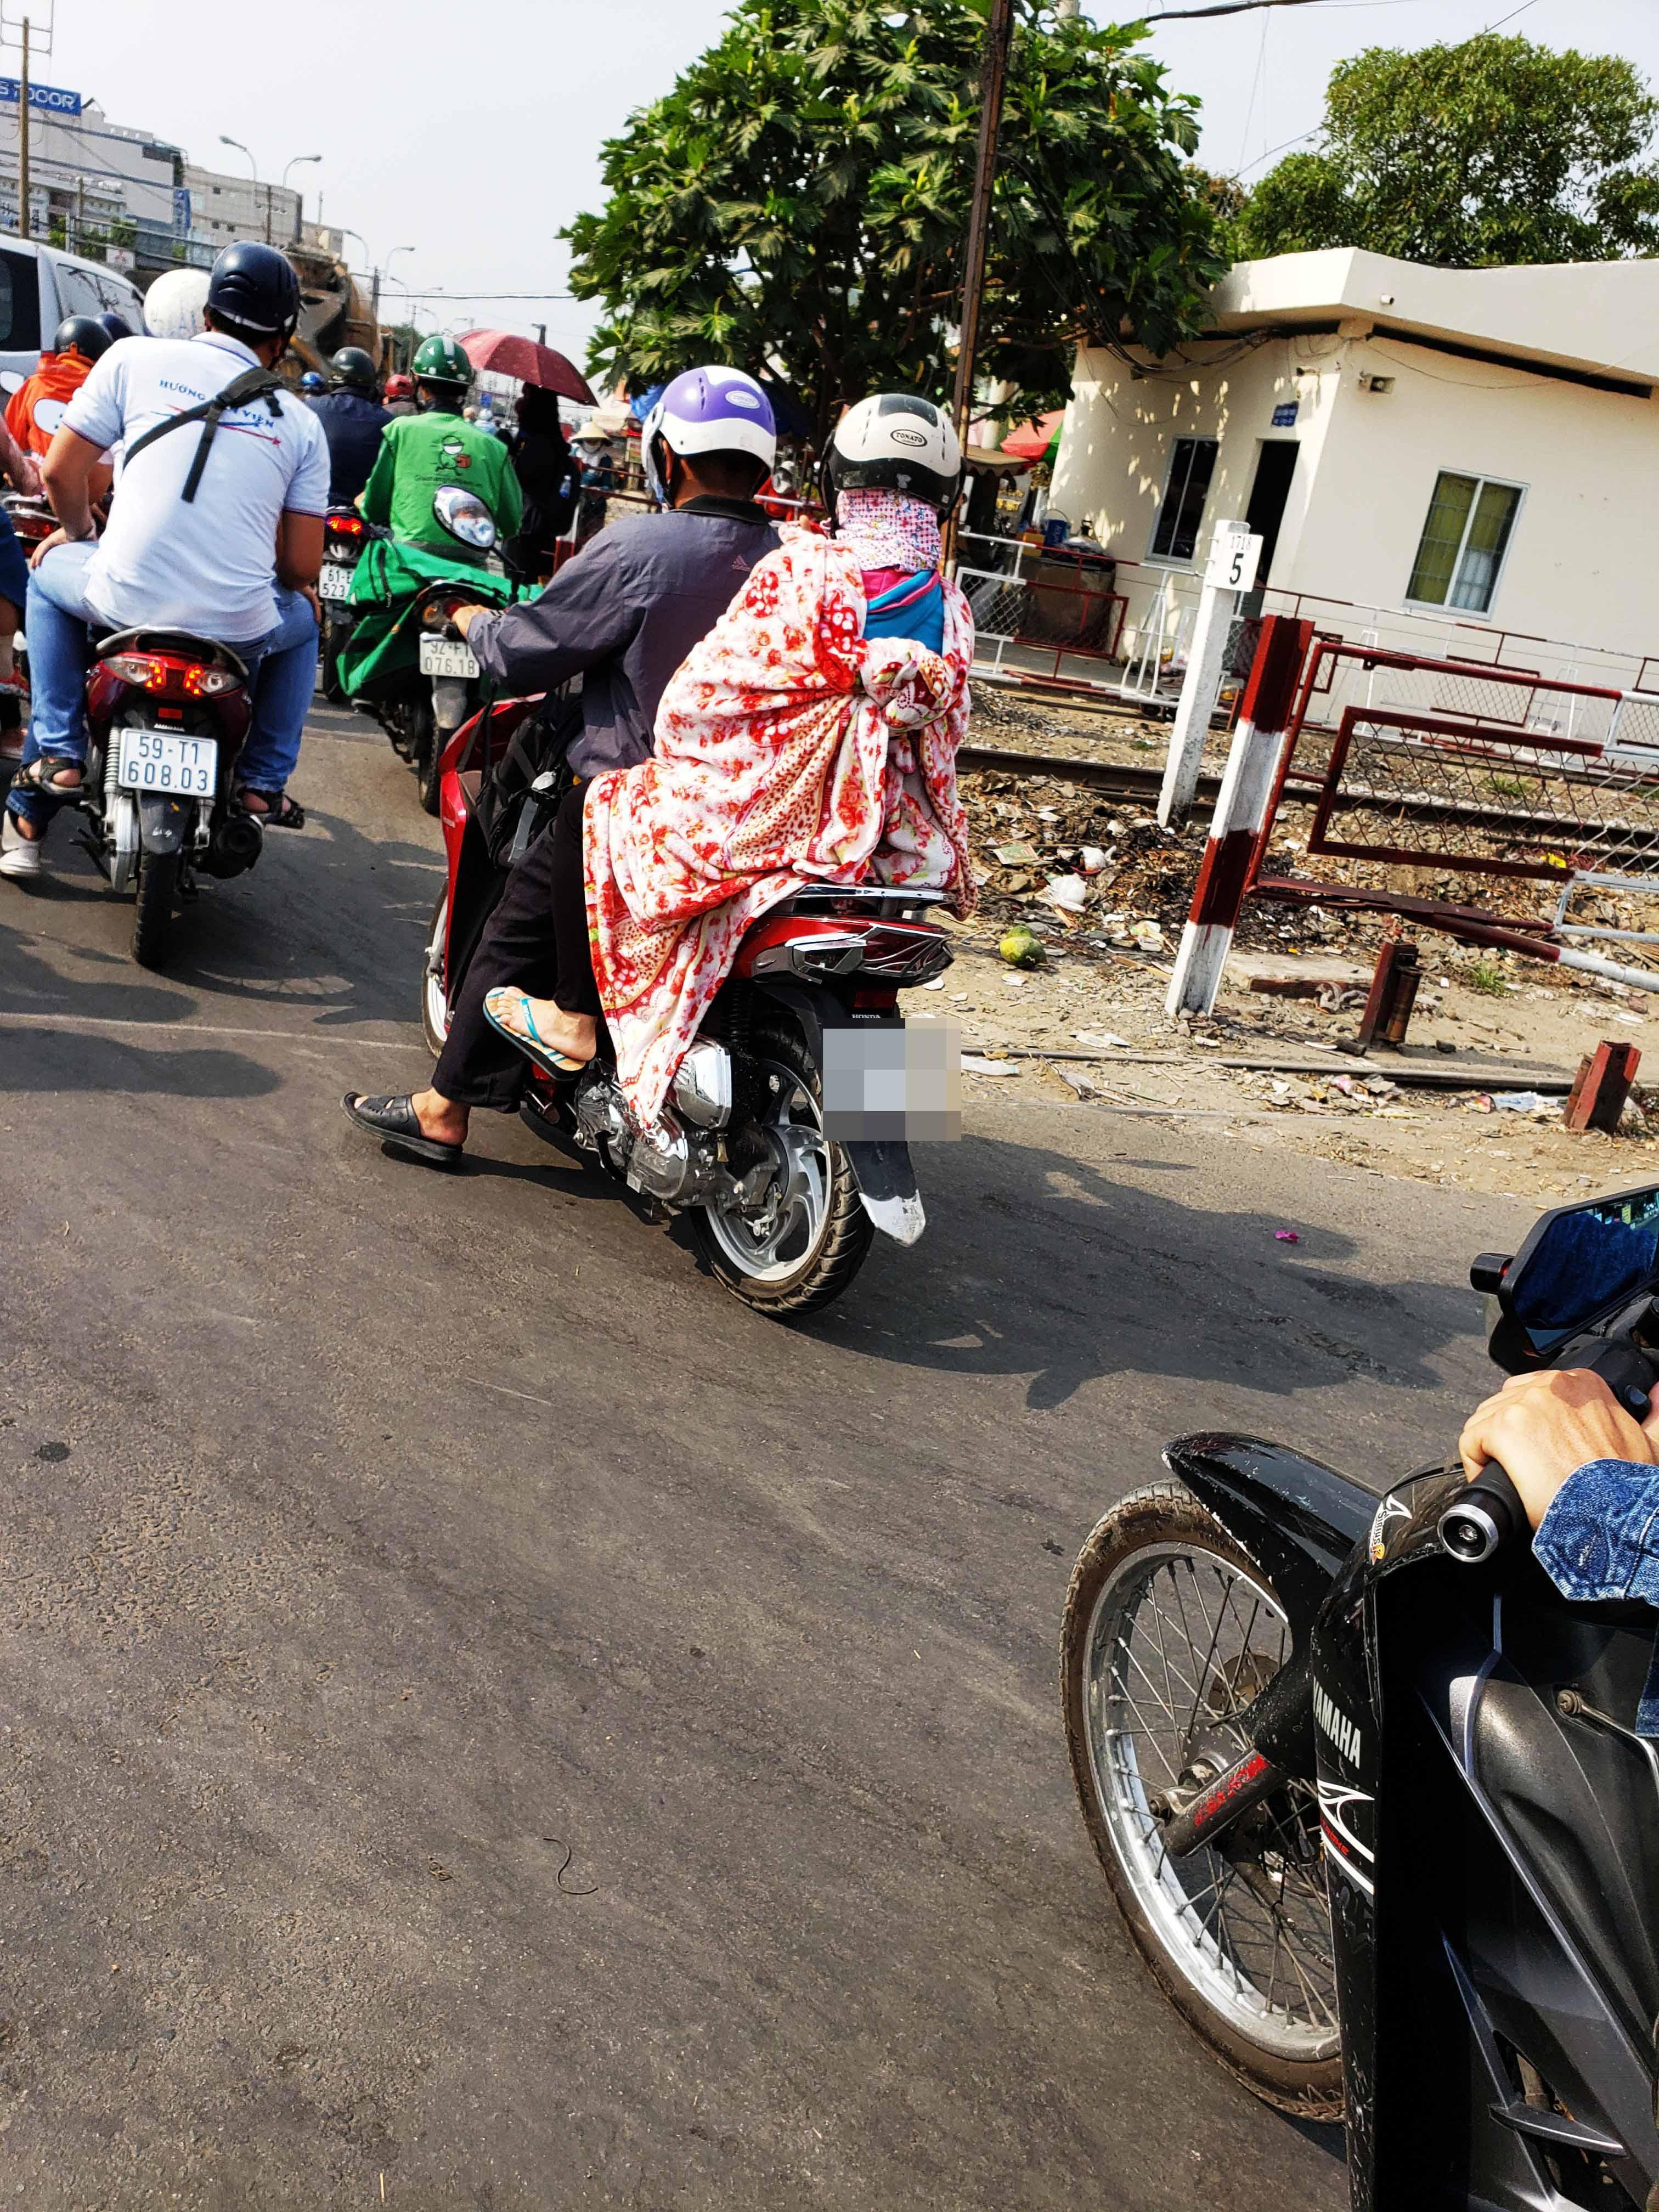 Người Sài Gòn chịu đựng nóng chưa từng có: Chống nóng ngộ nghĩnh, coi chừng phạm luật Ảnh 6